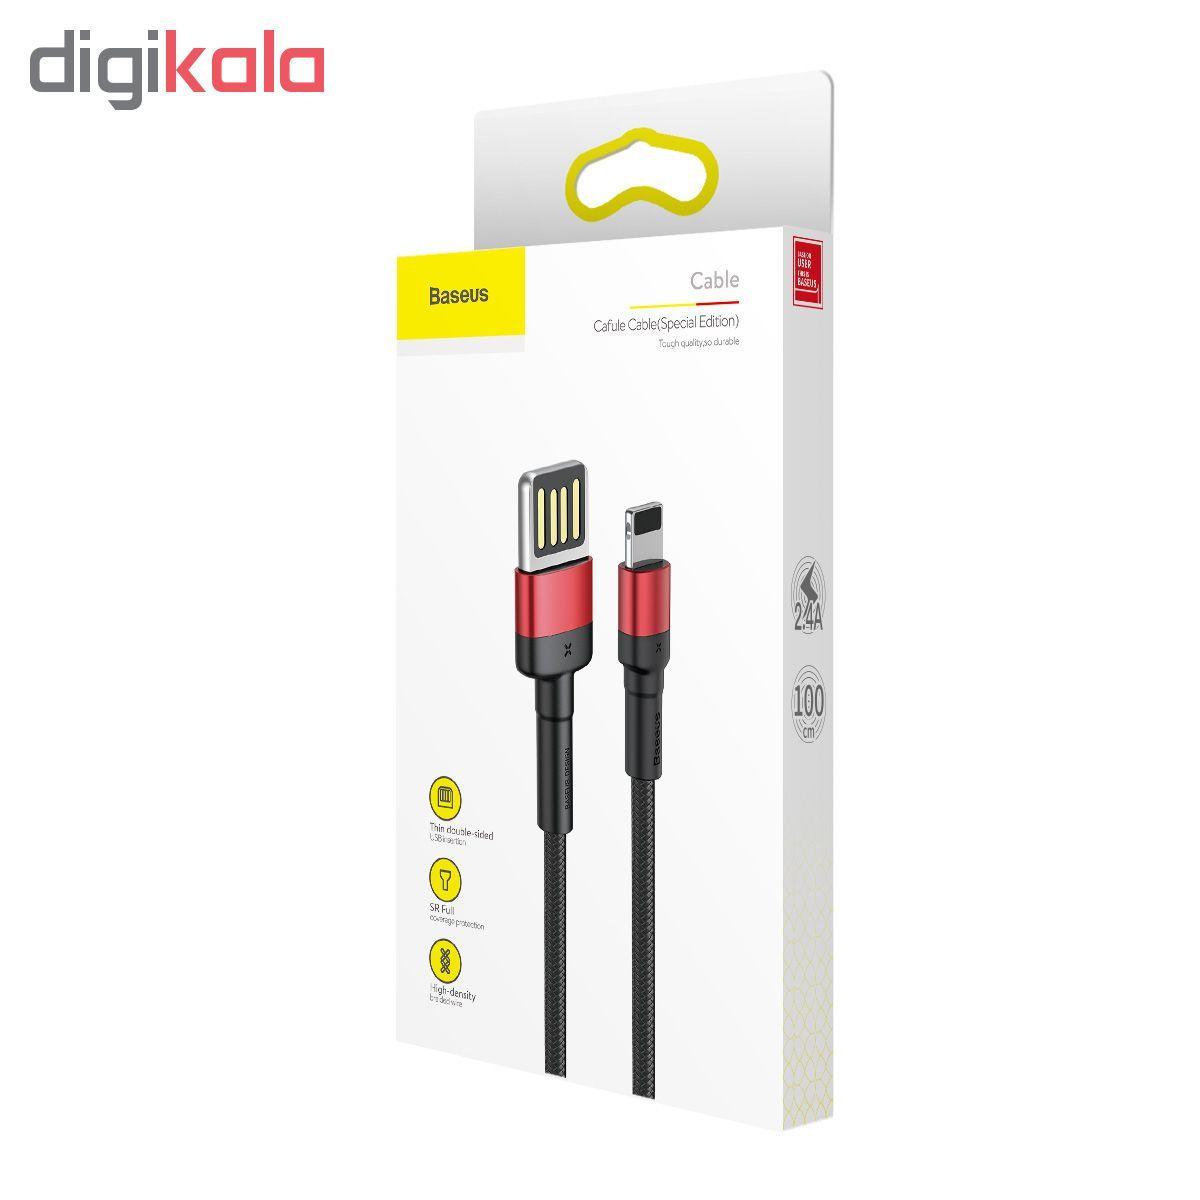 کابل تبدیل USB به لایتنینگ باسئوس مدل CALKLF-G91 طول 1متر main 1 10